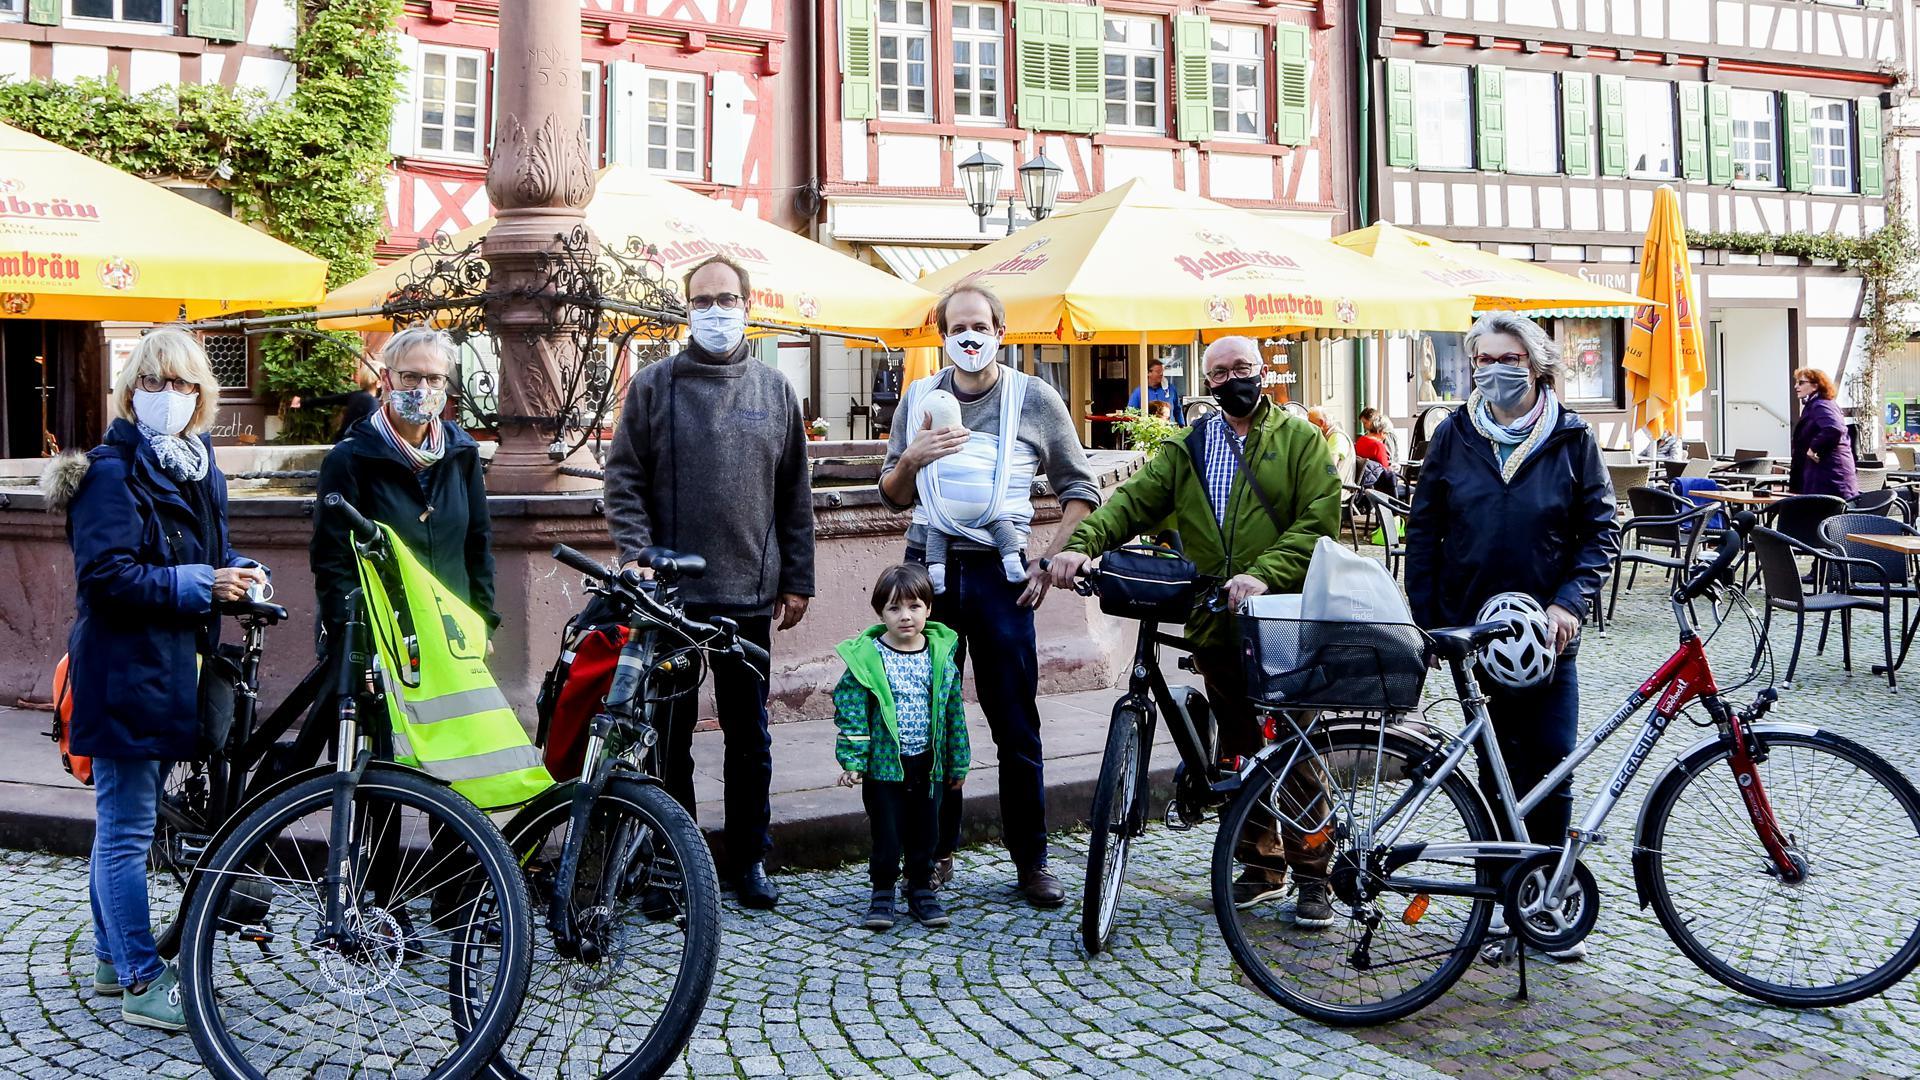 Initiatorin der Brettener ADFC-Ortsgruppe ist Jutta Biehl-Herzfeld (rechts). Derzeit besteht die Radlergruppe aus sechs Mitgliedern.